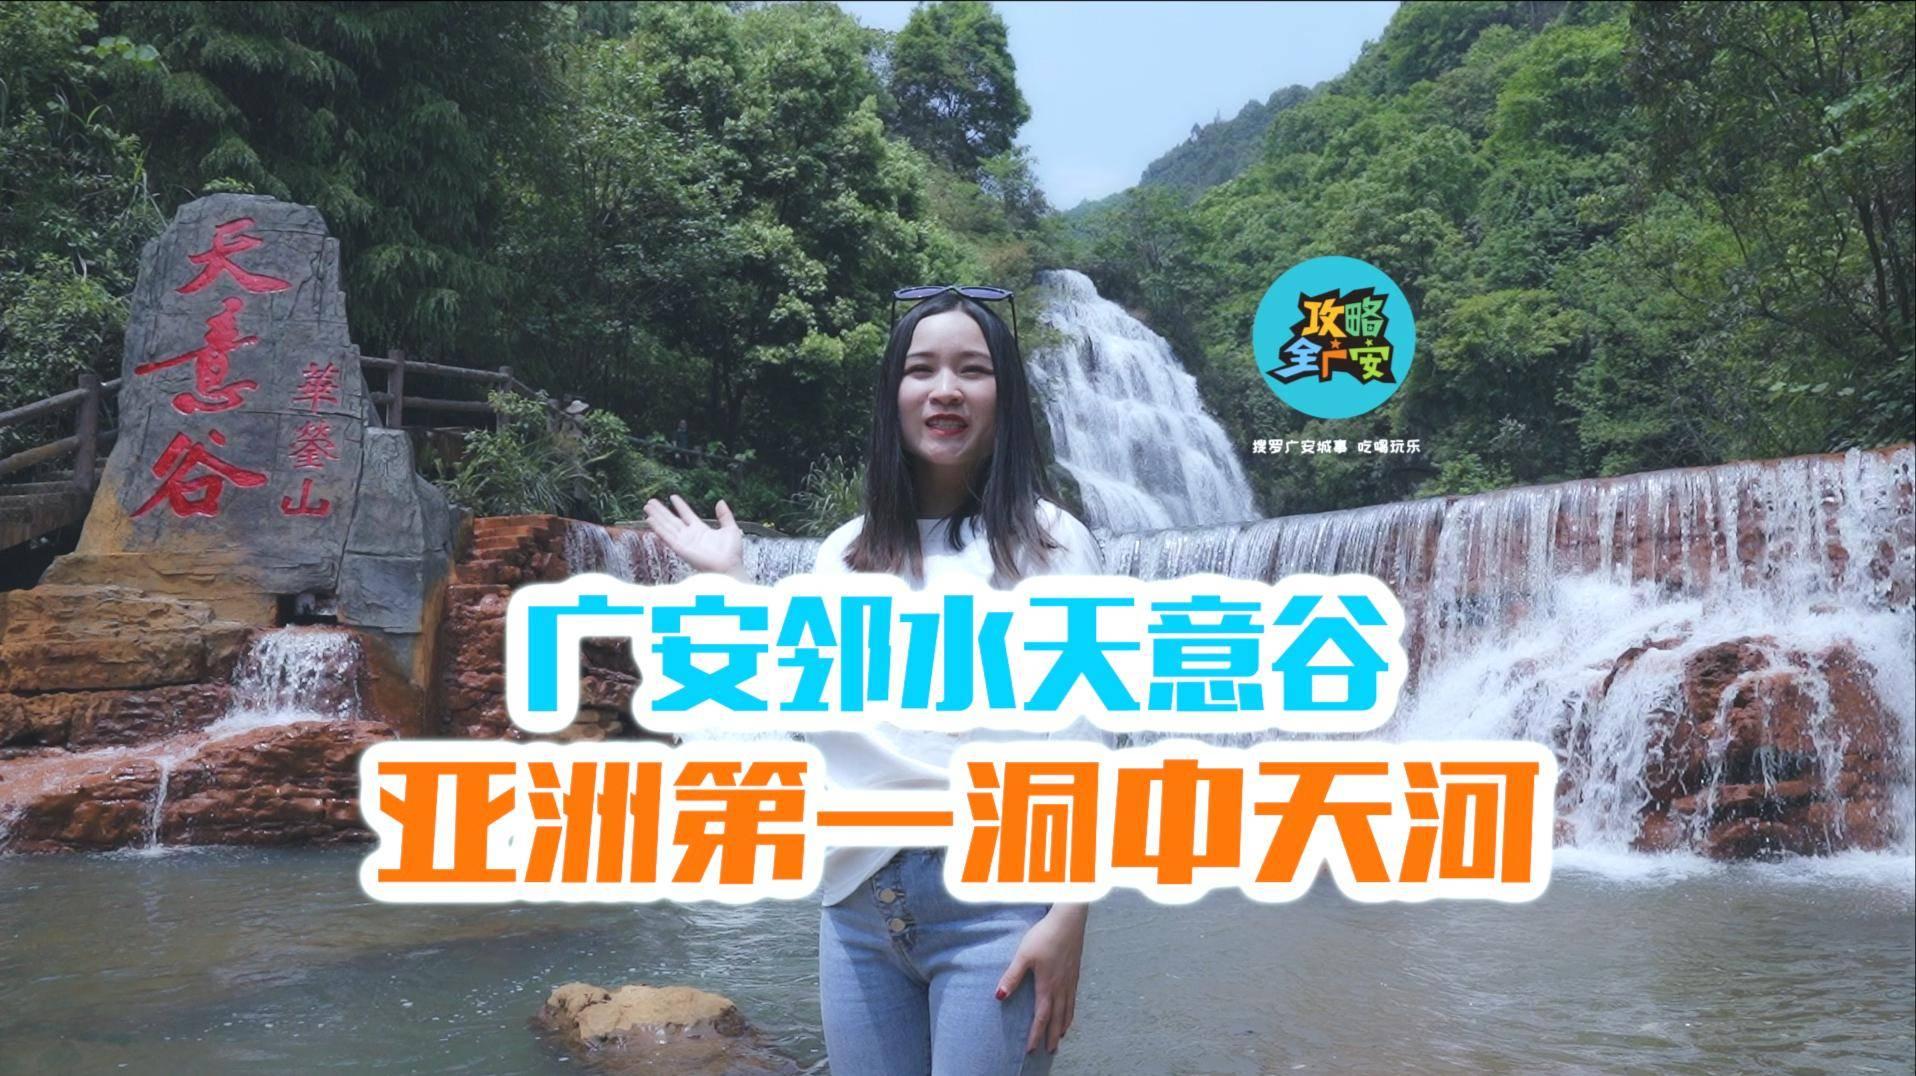 四川广安:邻水天意谷风景区 拥有着亚洲最大的洞中天河